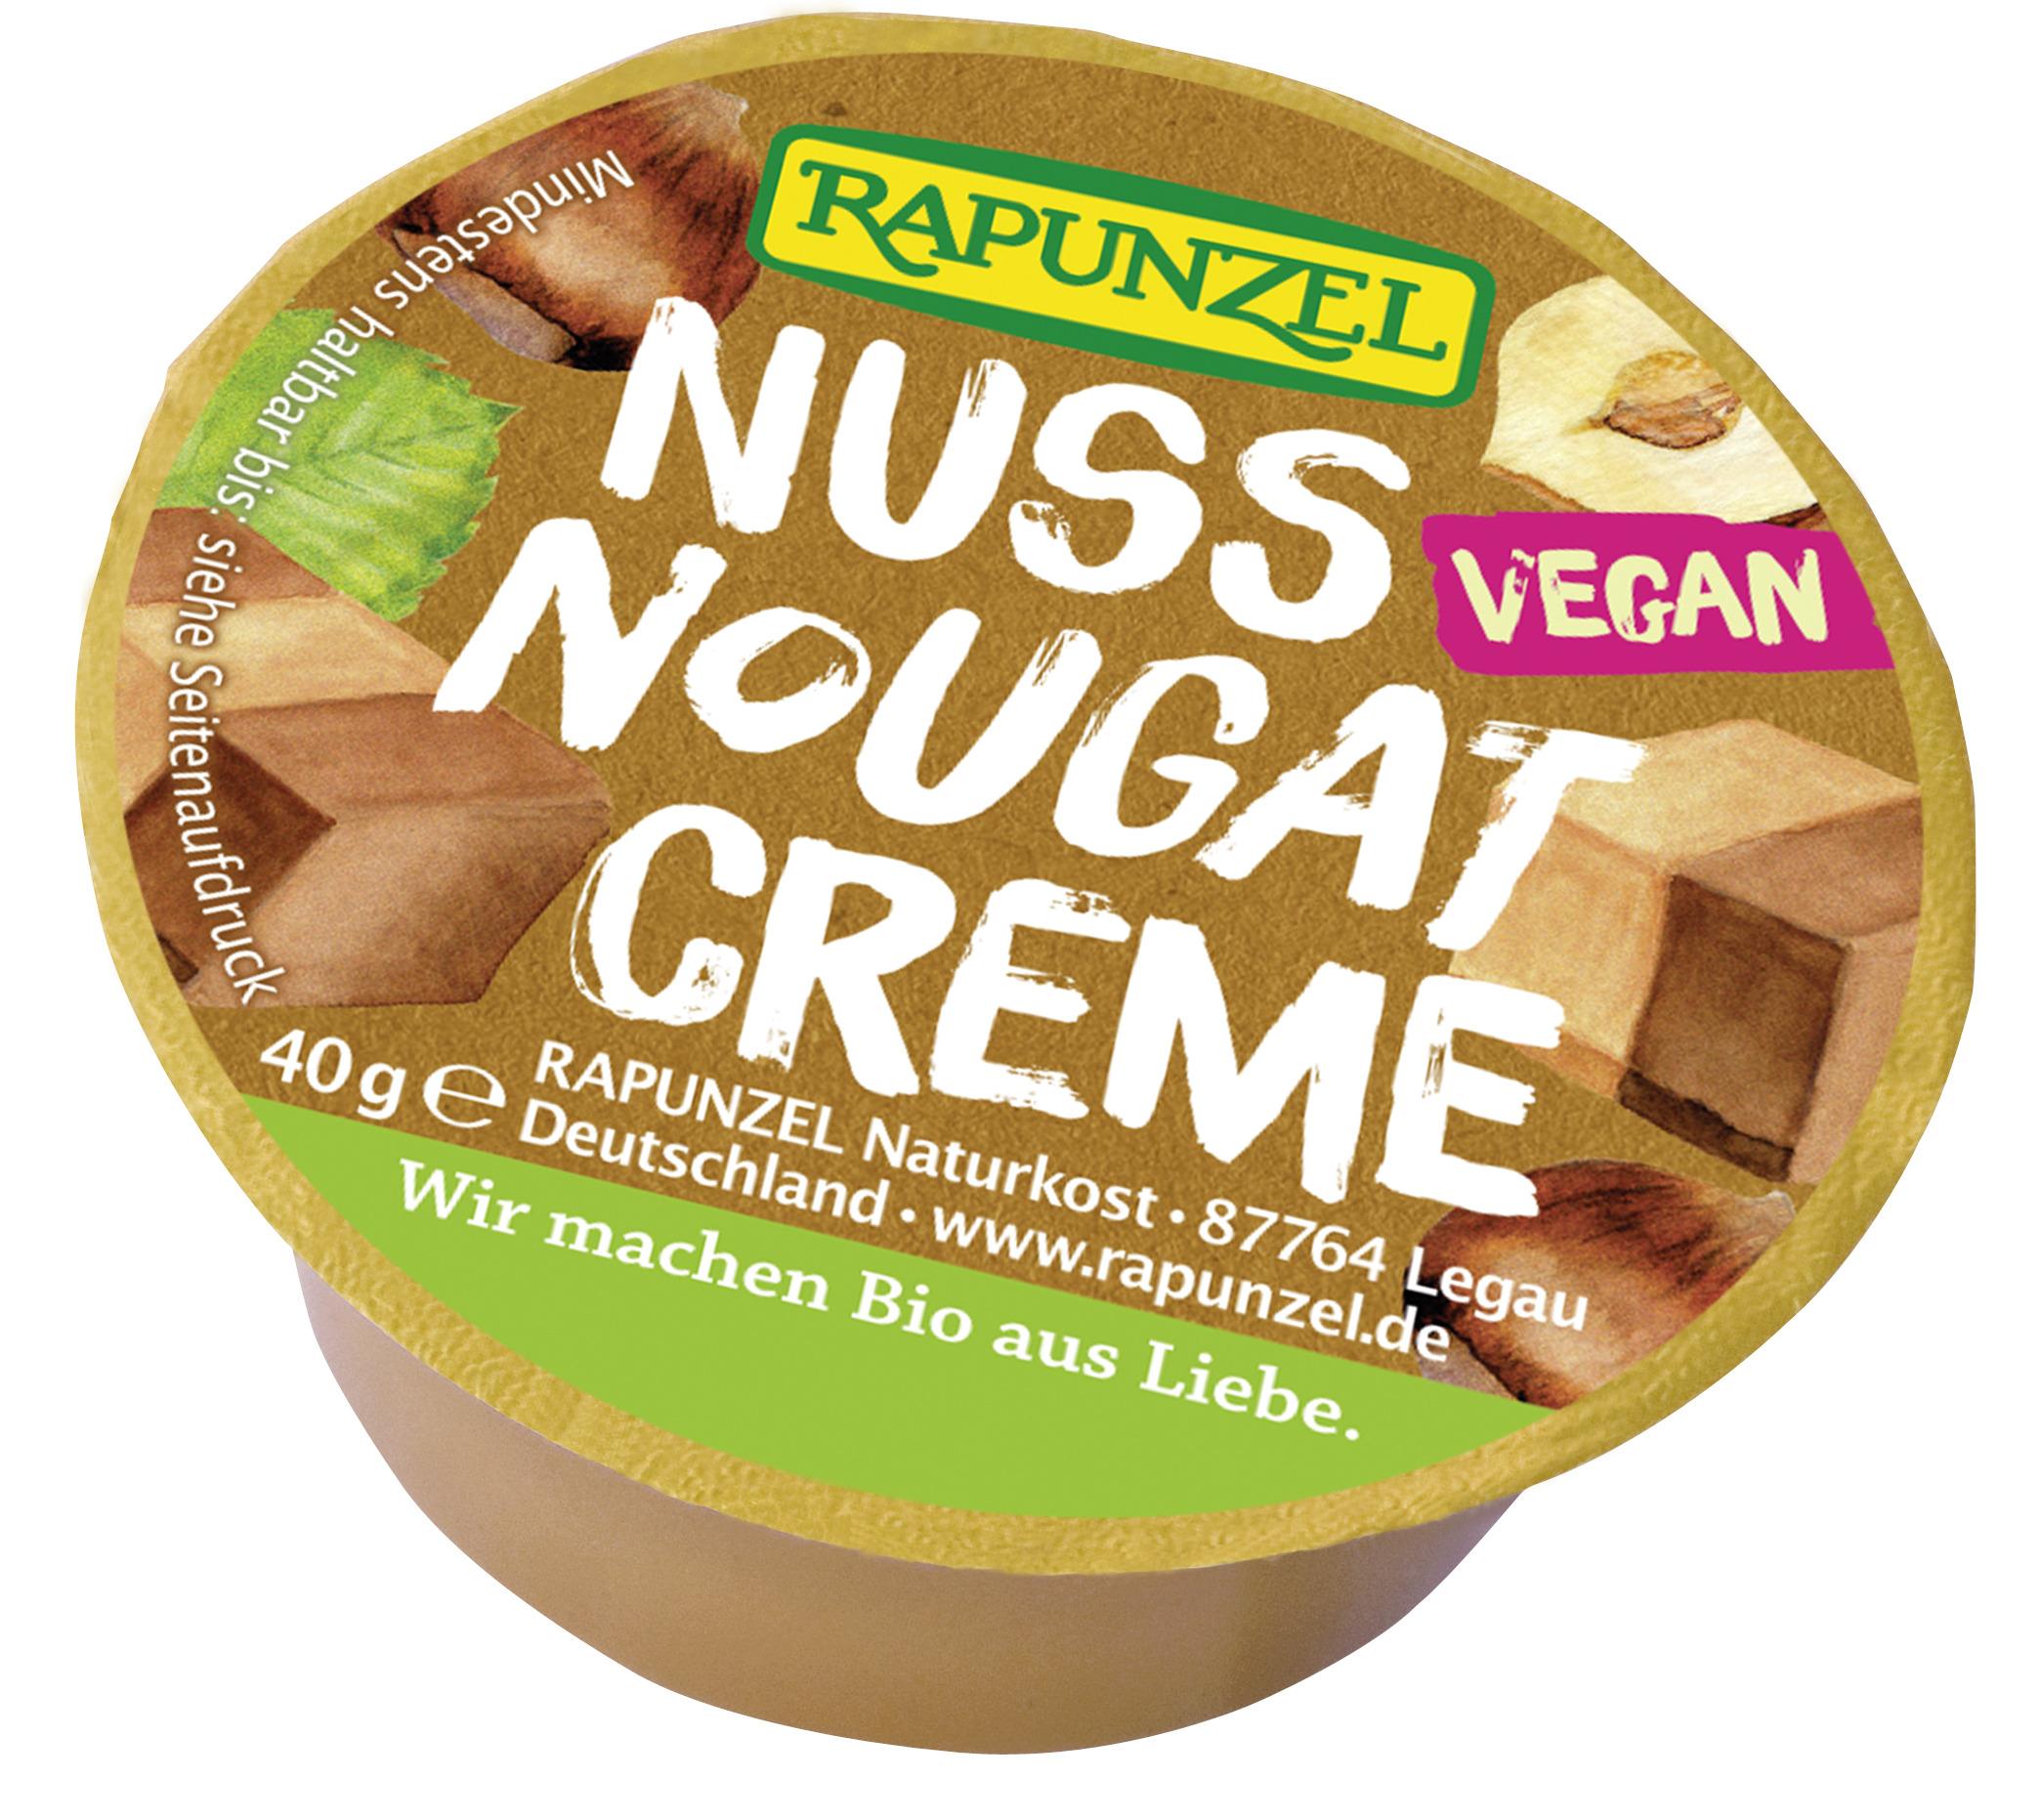 nuss nougat creme vegan samba schokocremes brotaufstriche nussmus produkte rapunzel. Black Bedroom Furniture Sets. Home Design Ideas